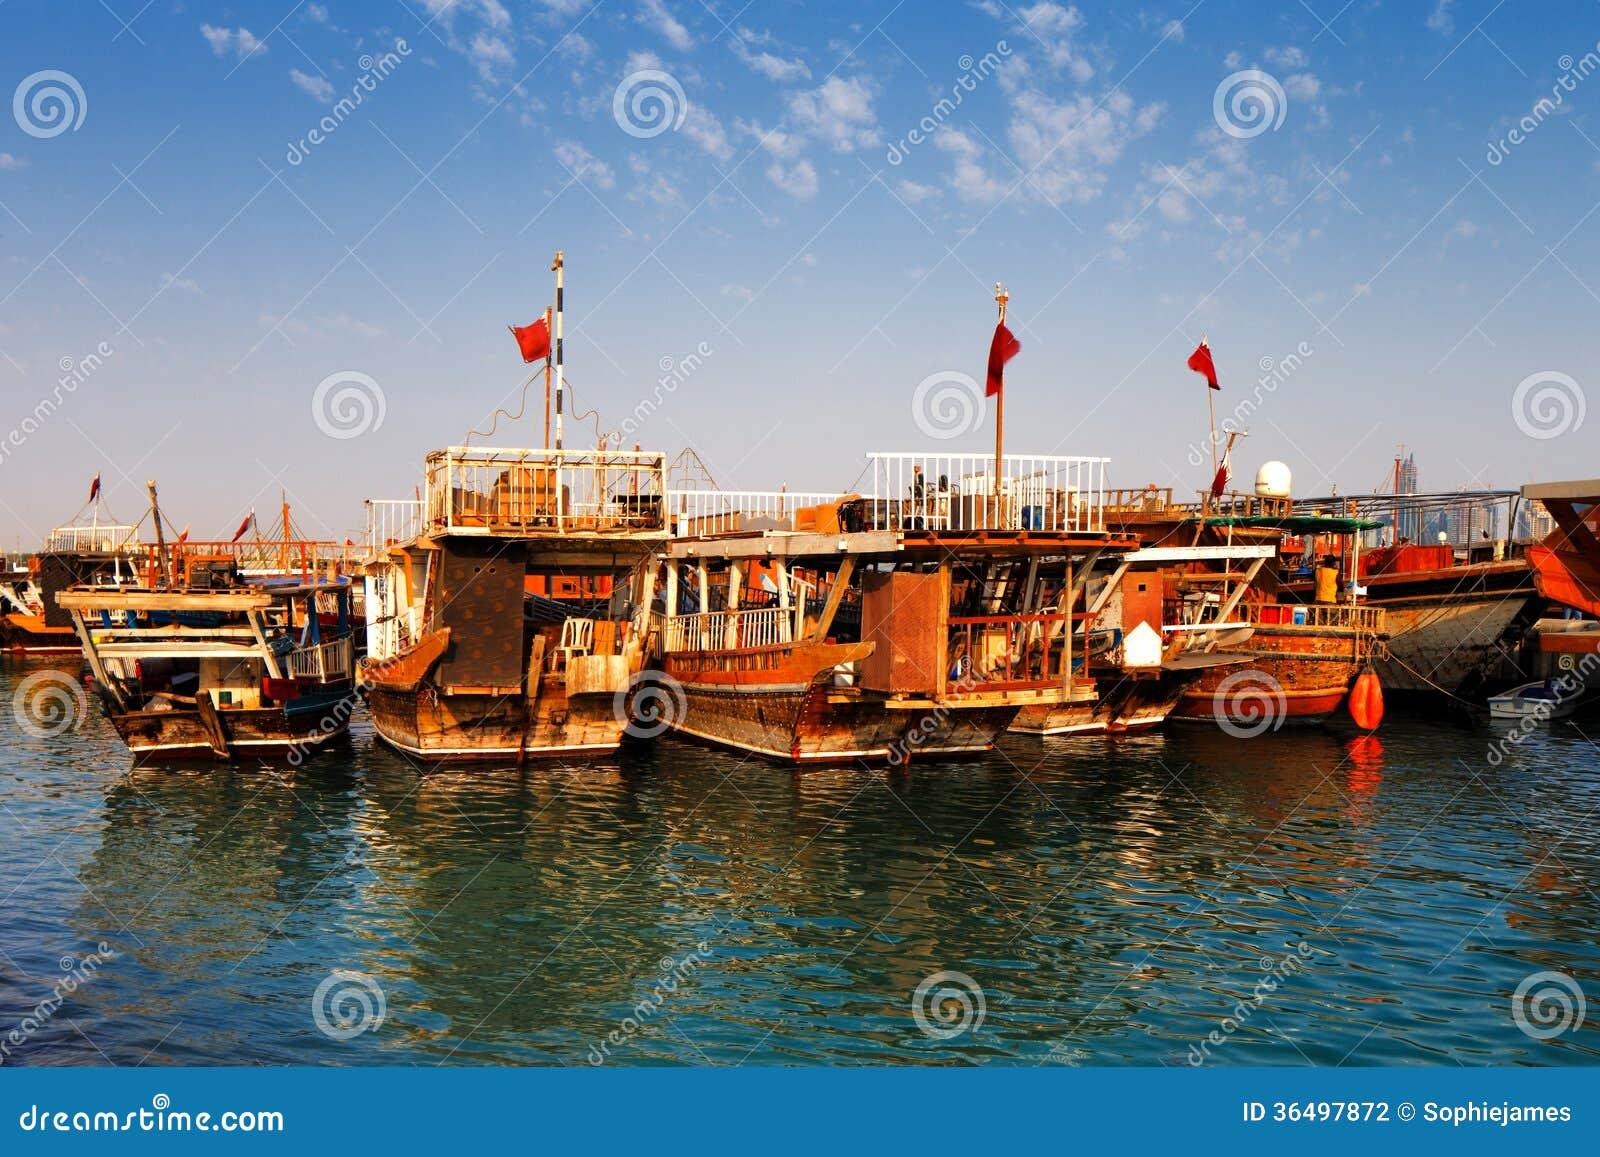 Les bateaux traditionnels ont appelé Dhows dans la baie occidentale Doha, Qatar